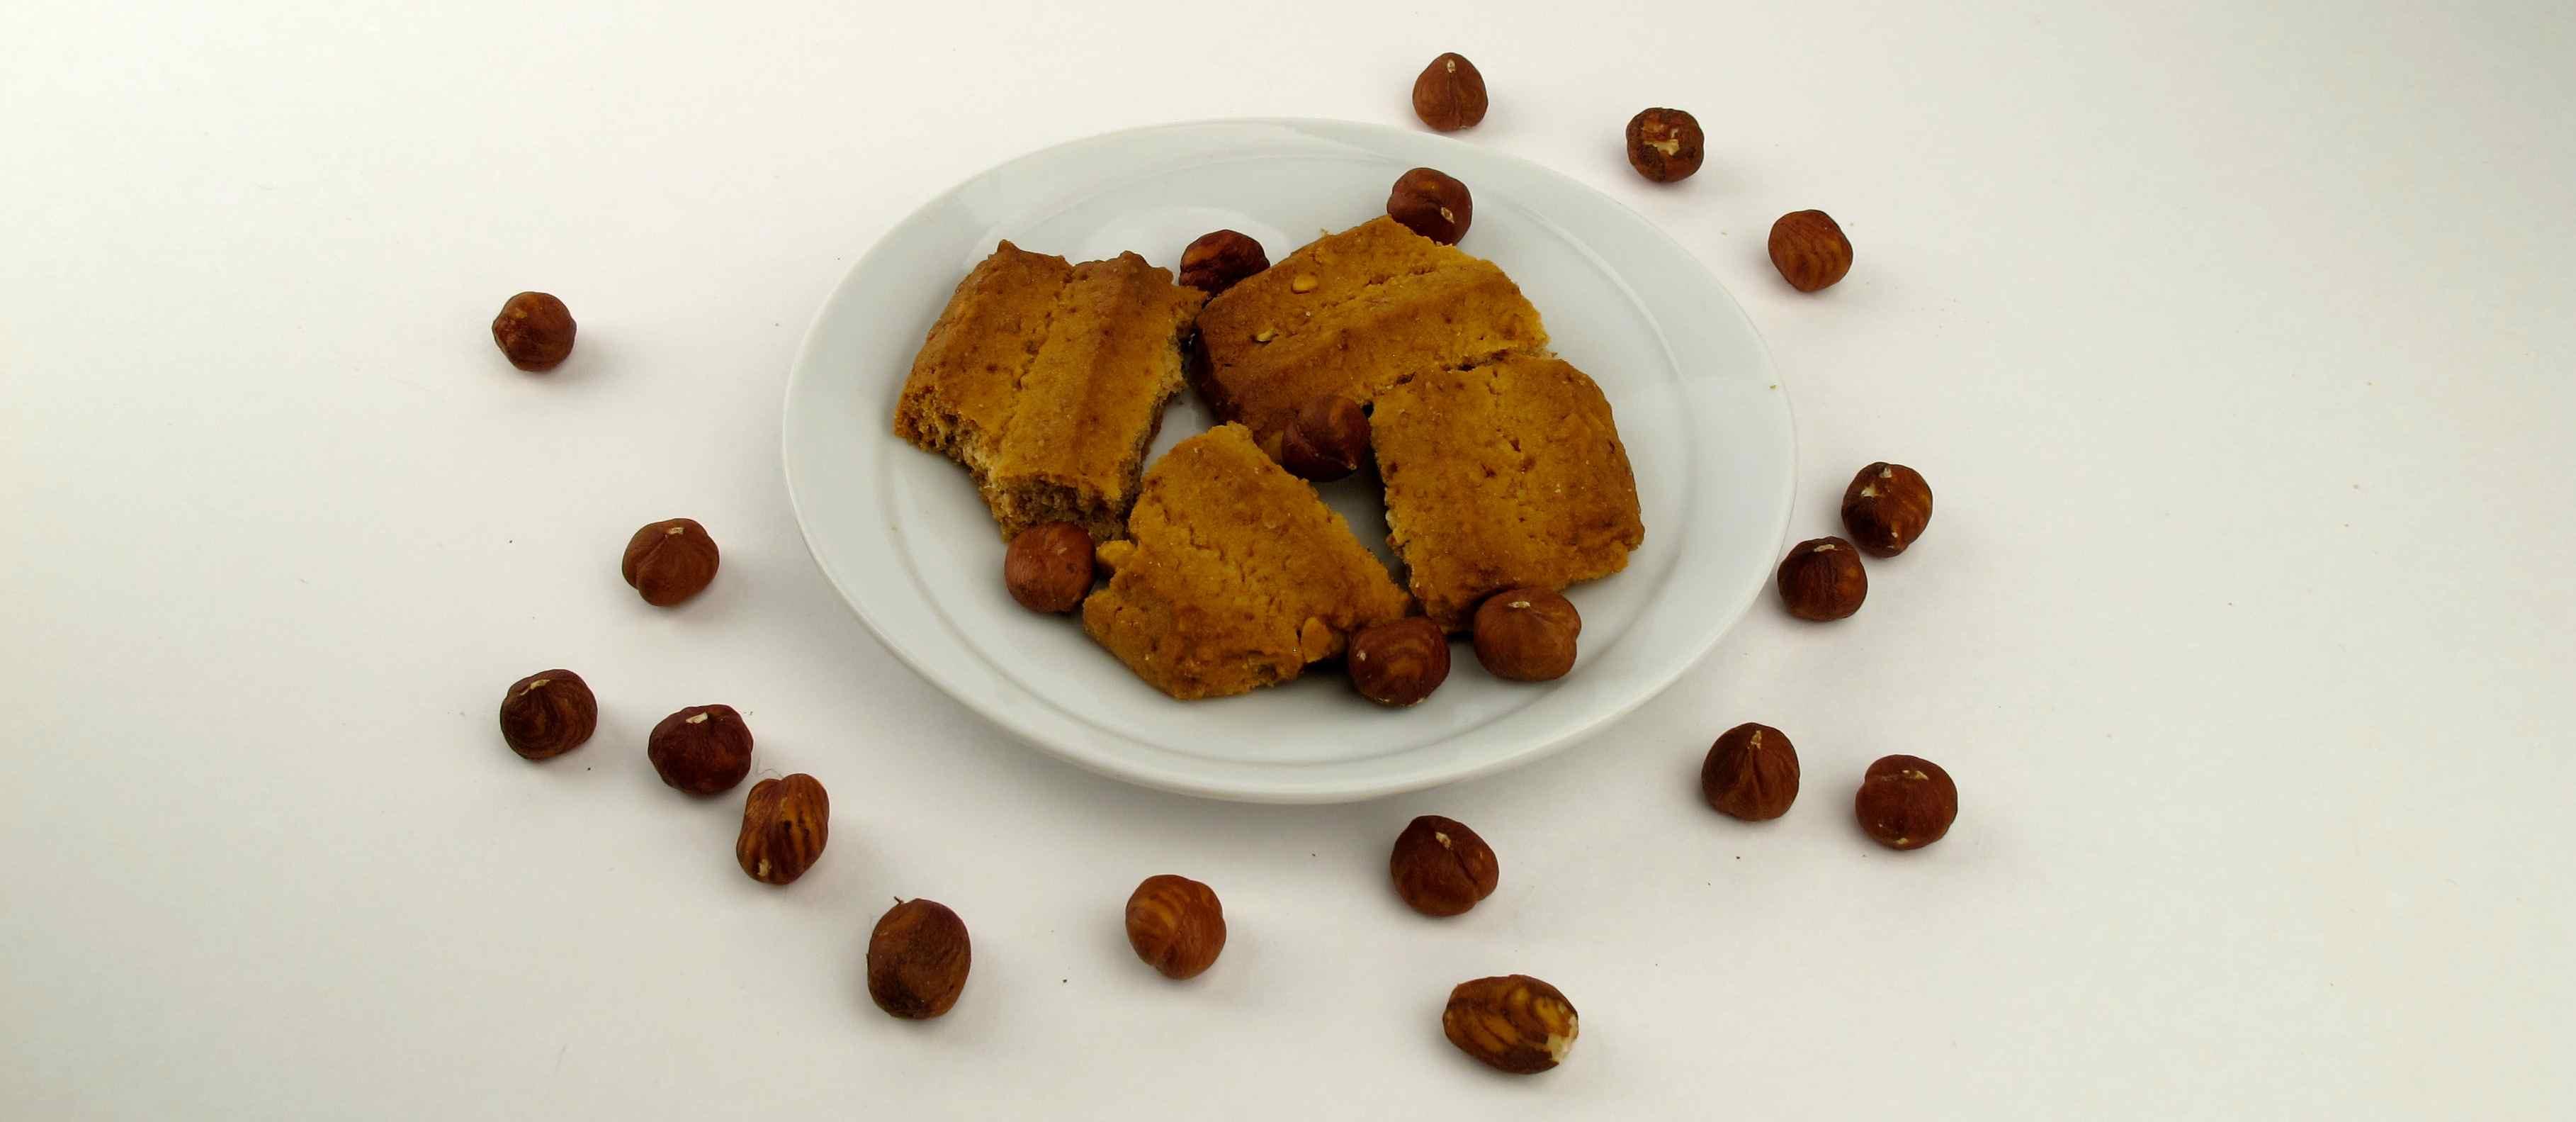 Nut cookie vegan inside